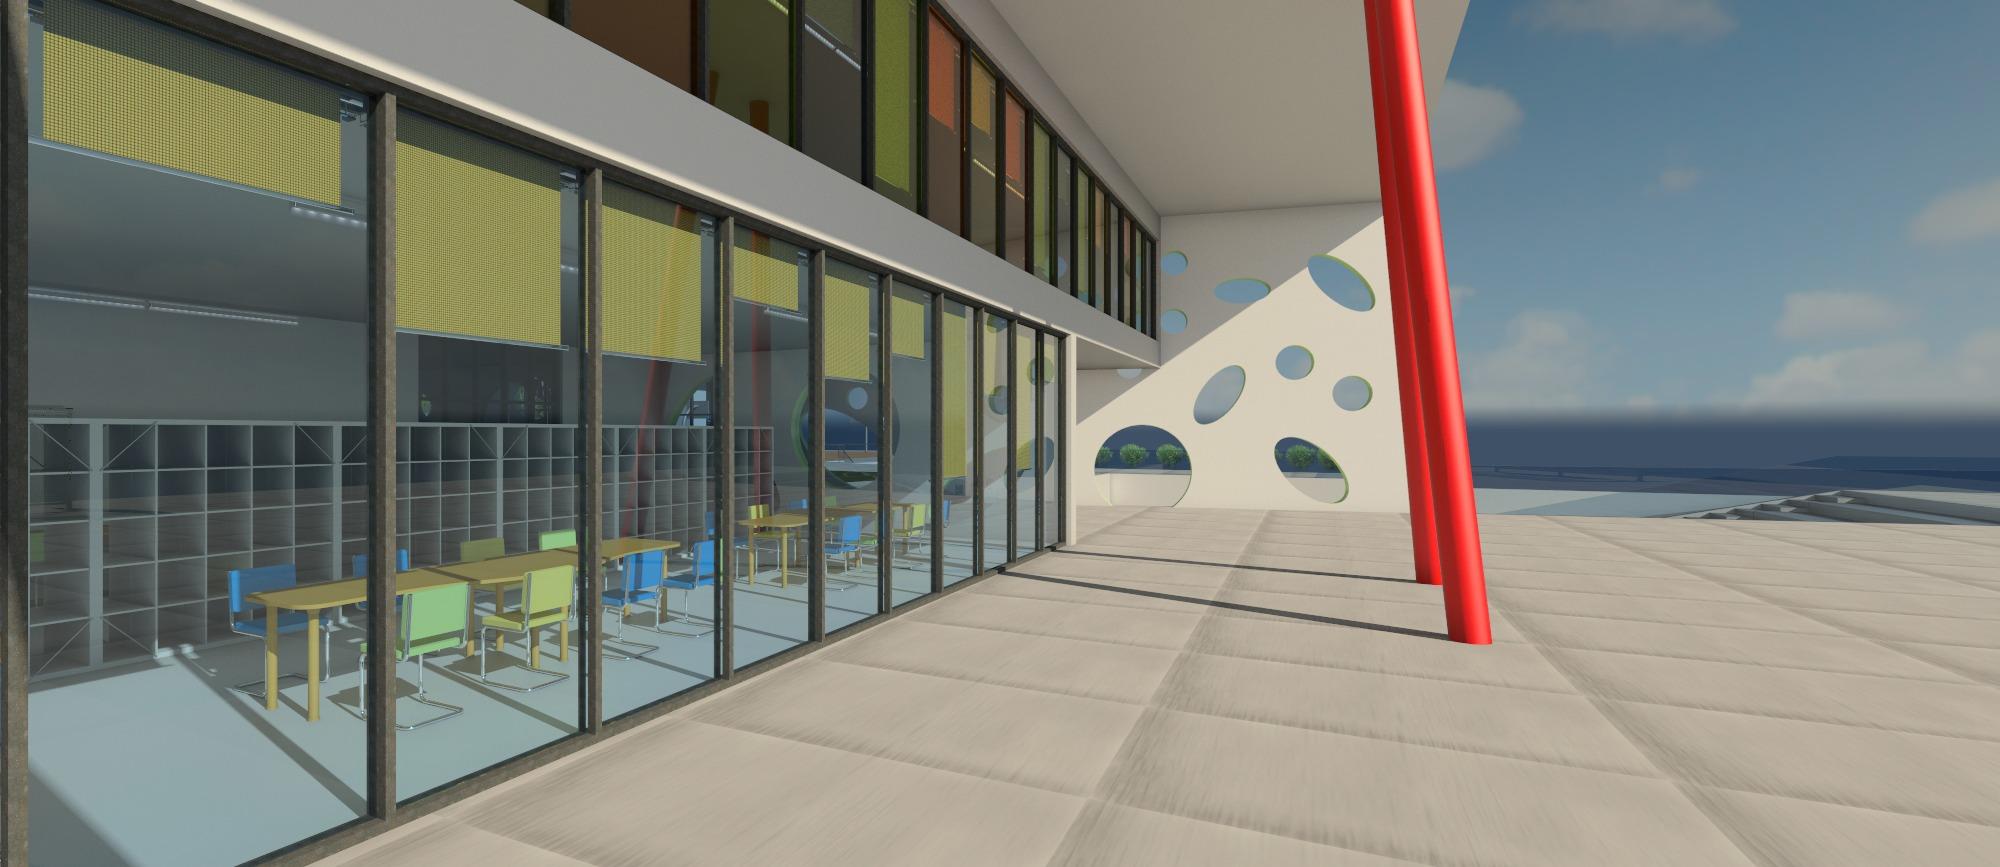 Raas-rendering20150112-29901-4wrahm